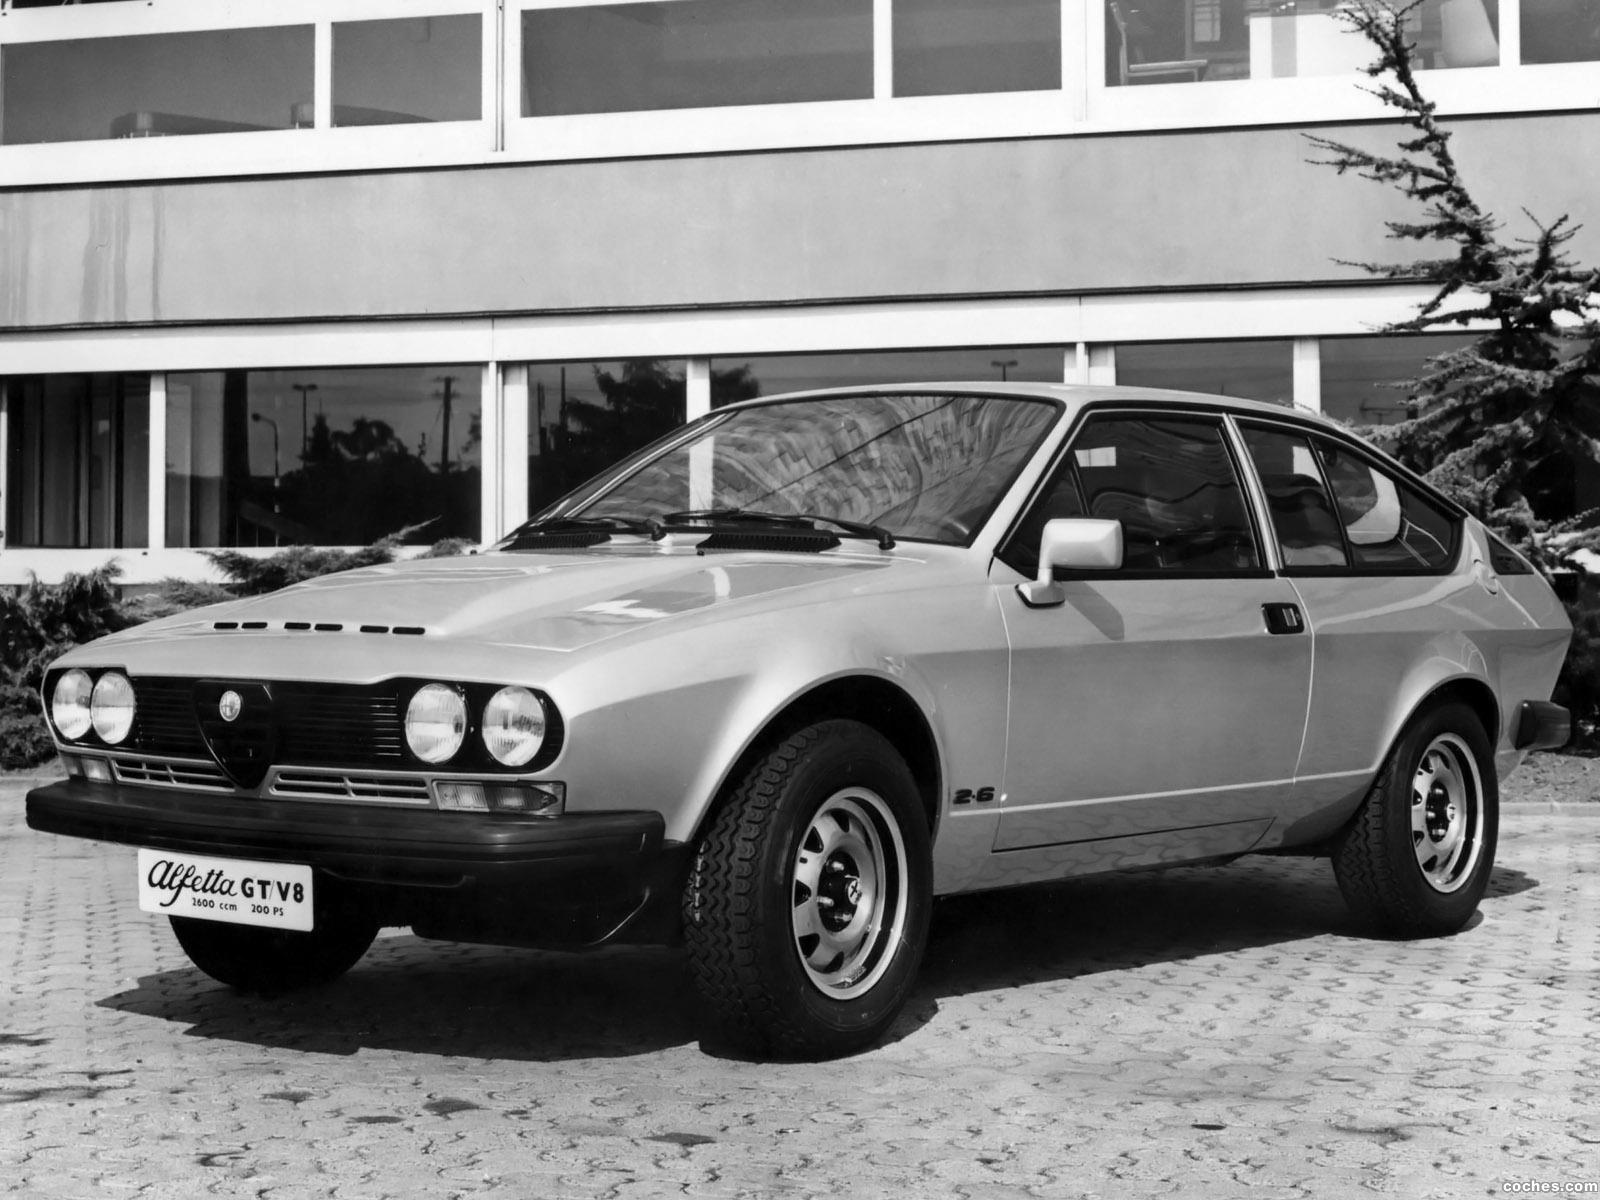 Foto 0 de Alfetta GTV8 2600 Prototype 1977